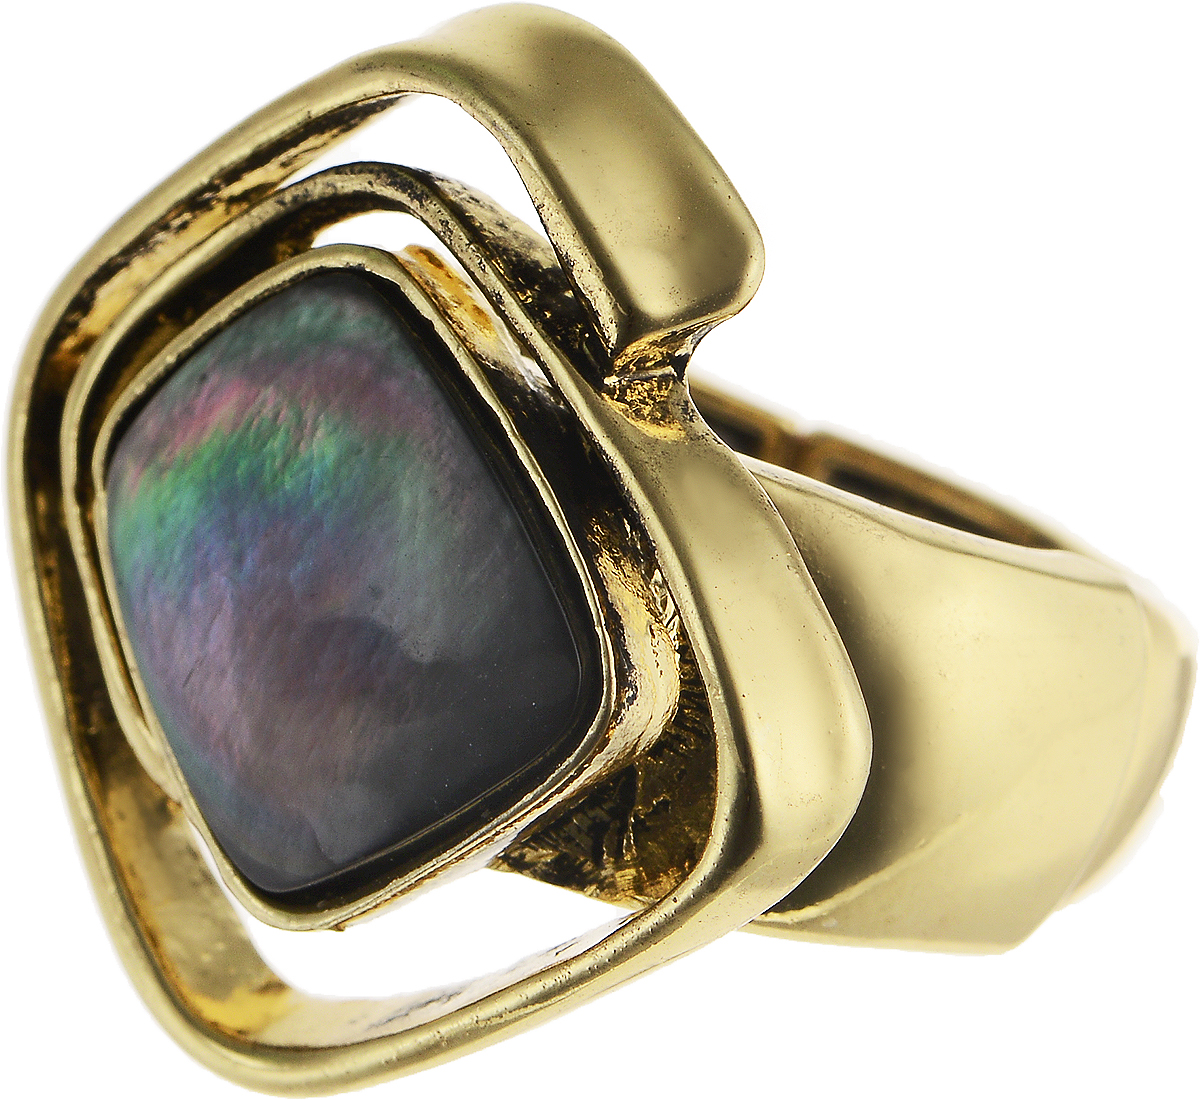 Кольцо Модные истории, цвет: золотистый. 17/0048Коктейльное кольцоСтильное растягивающееся кольцо Модные истории выполнено из бижутерийного сплава с гальваническим покрытием. Изделие имеет закрученную форму с вставкой из натурального перламутра. Оригинальное кольцо придаст вашему образу изюминку, подчеркнет индивидуальность.